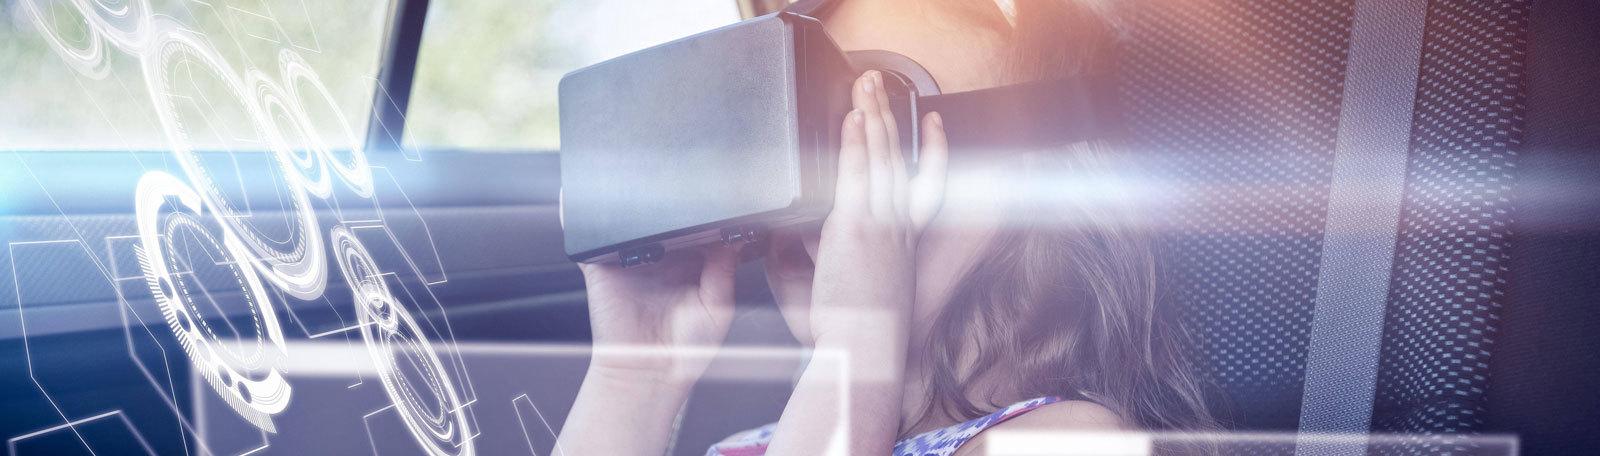 VR-Brille in selbstfahrendem Auto nutzen.